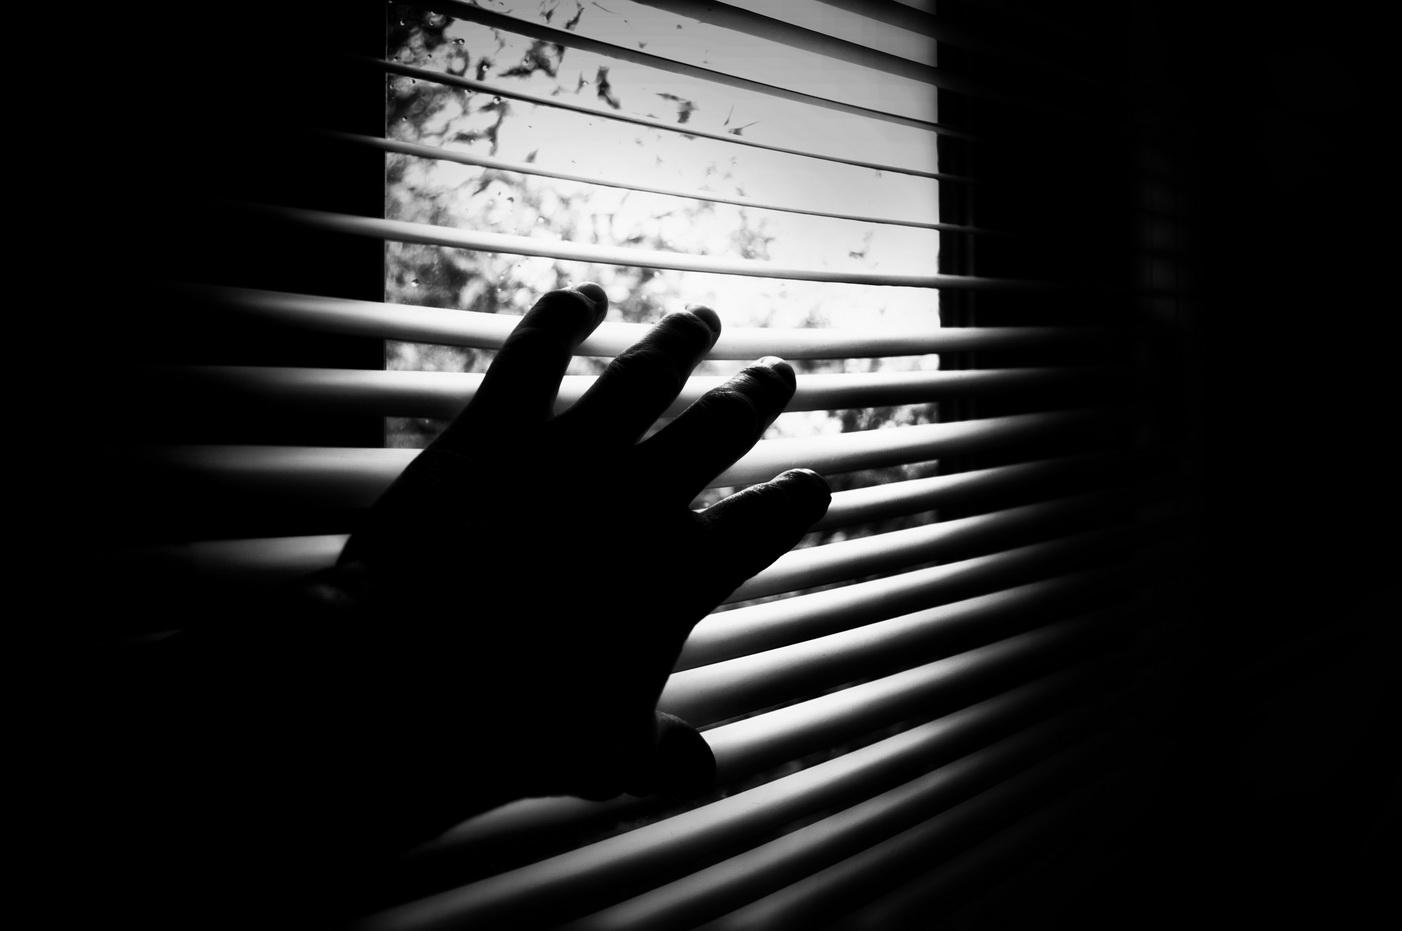 Alla finestra in attesa di..... di utente cancellato